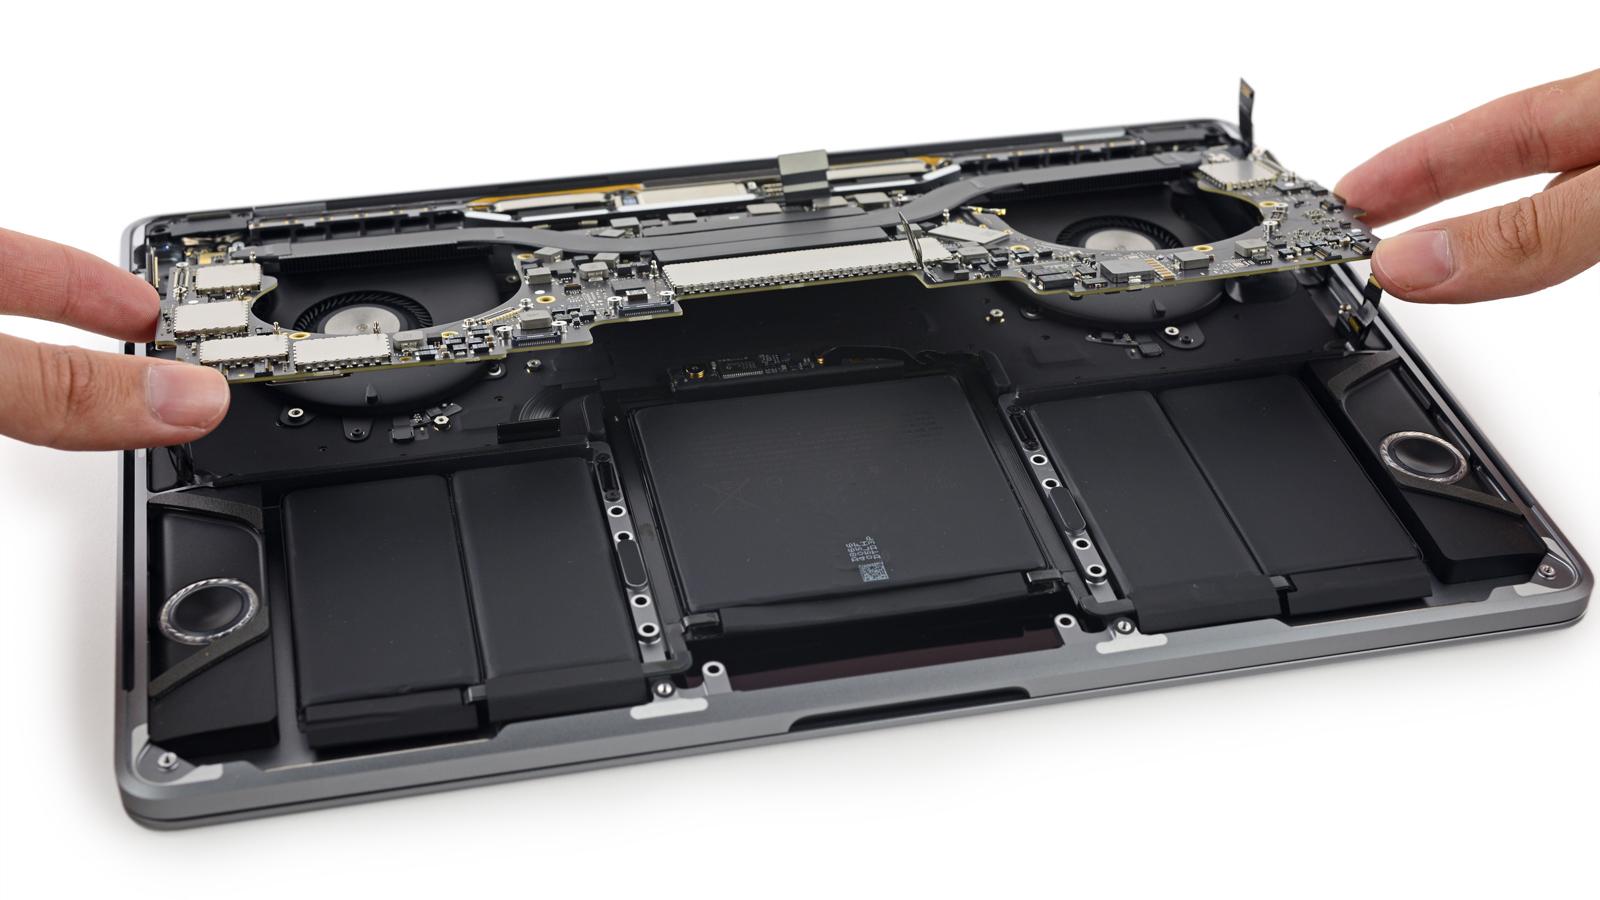 Apple确认13寸MacBook Pro电池有瑕疵!并推出免费电池更换计划